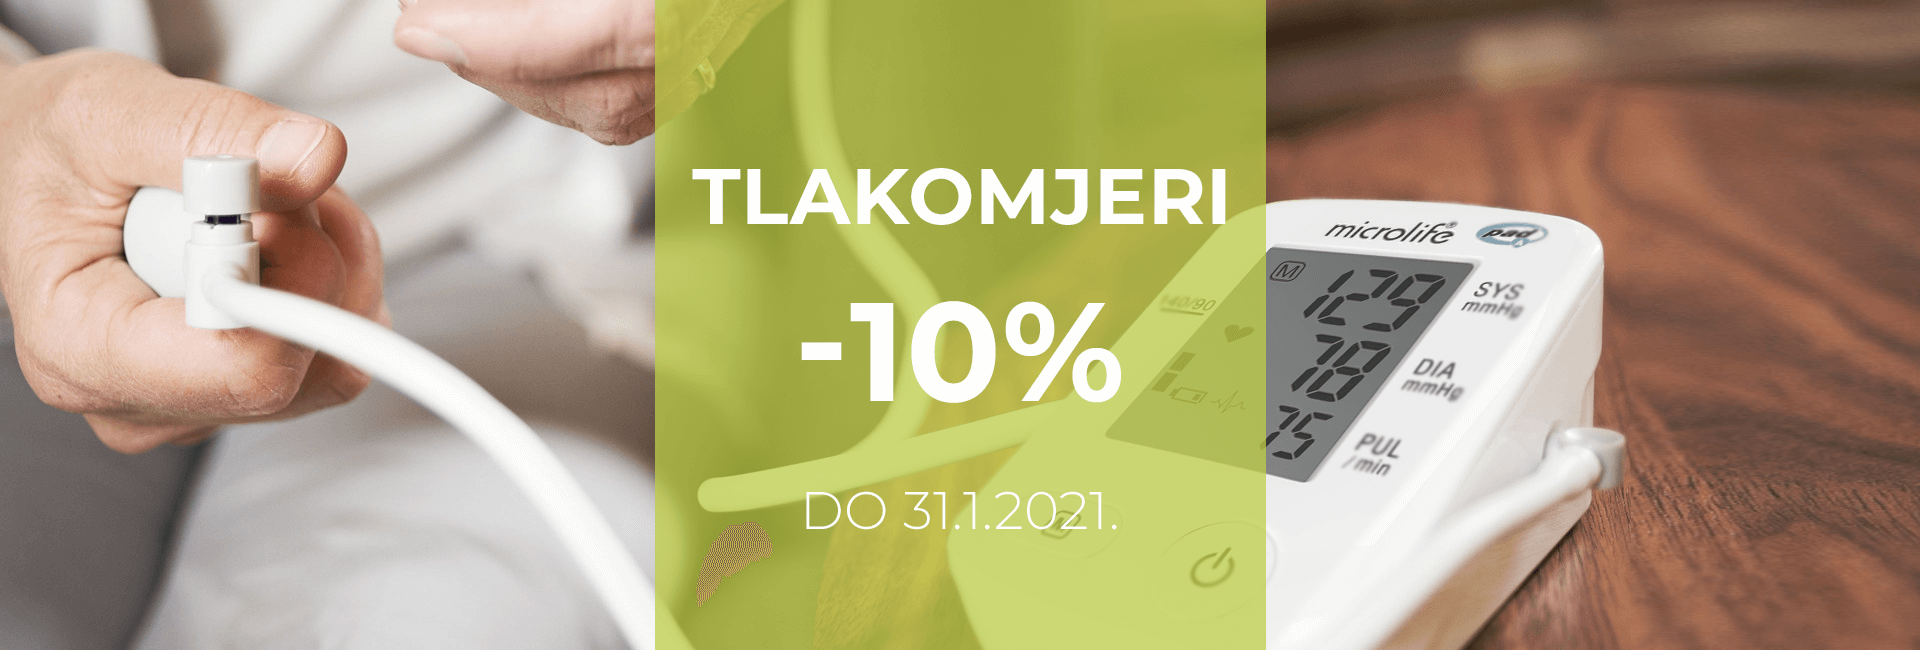 tlakomjeri -10%